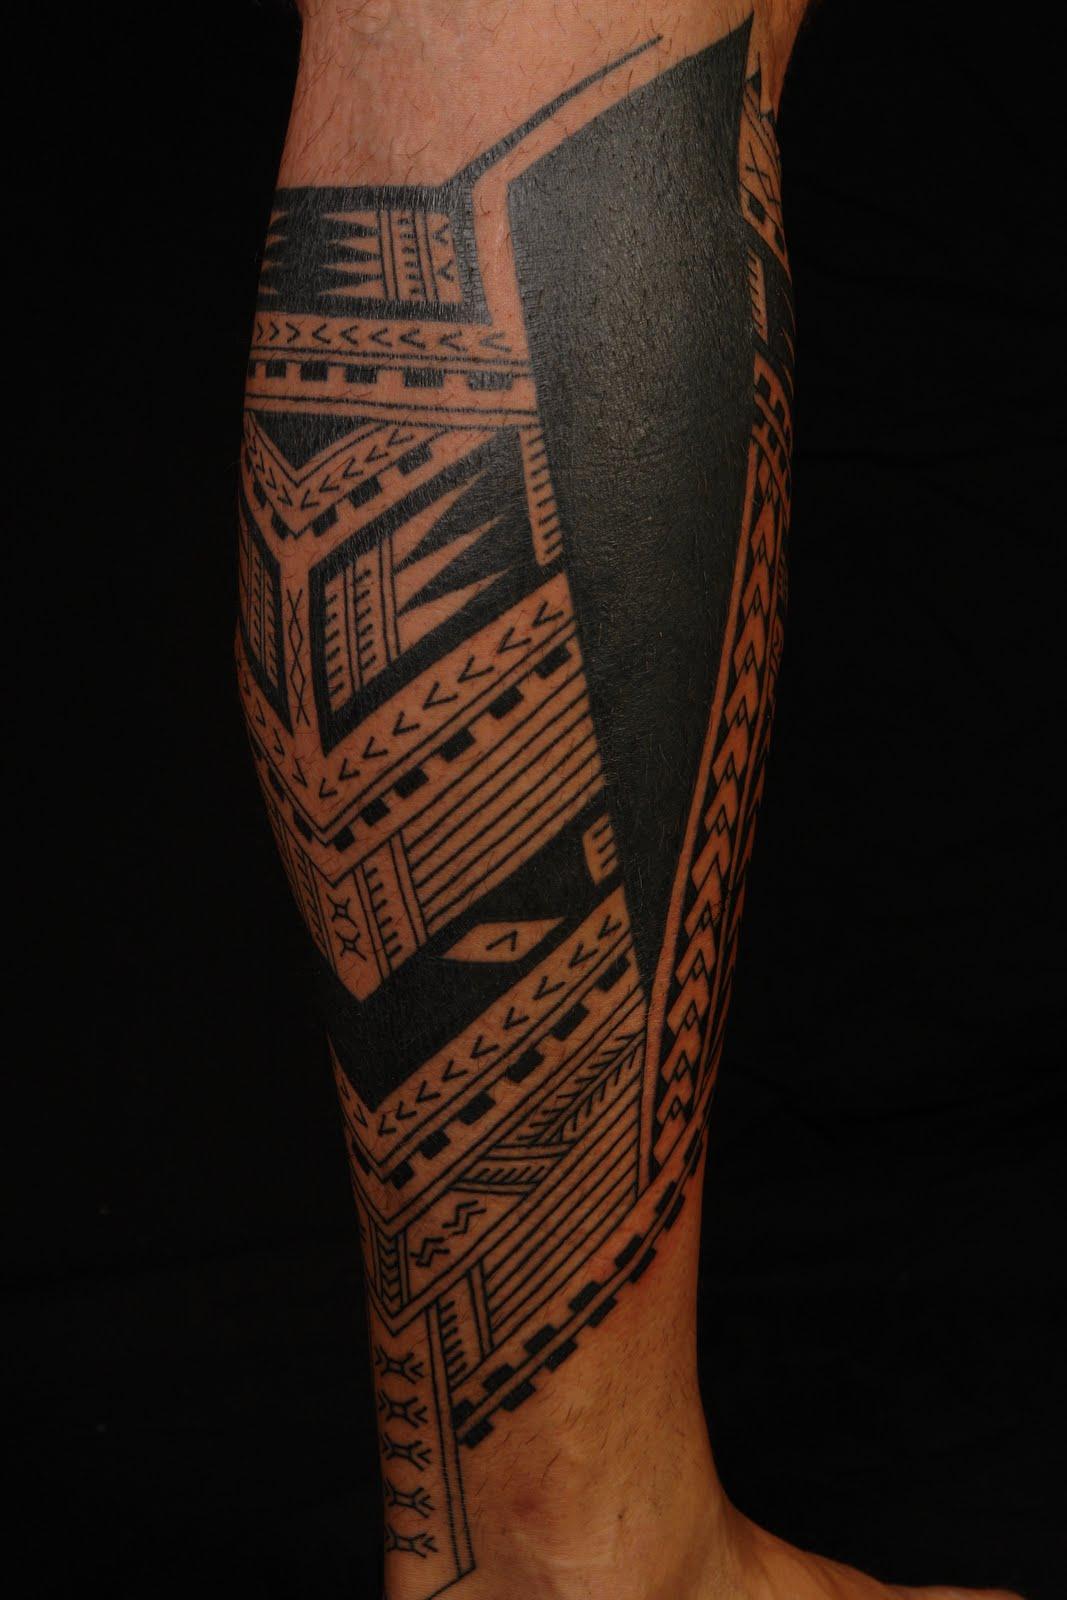 Samoan Polynesian Calf Tattoo